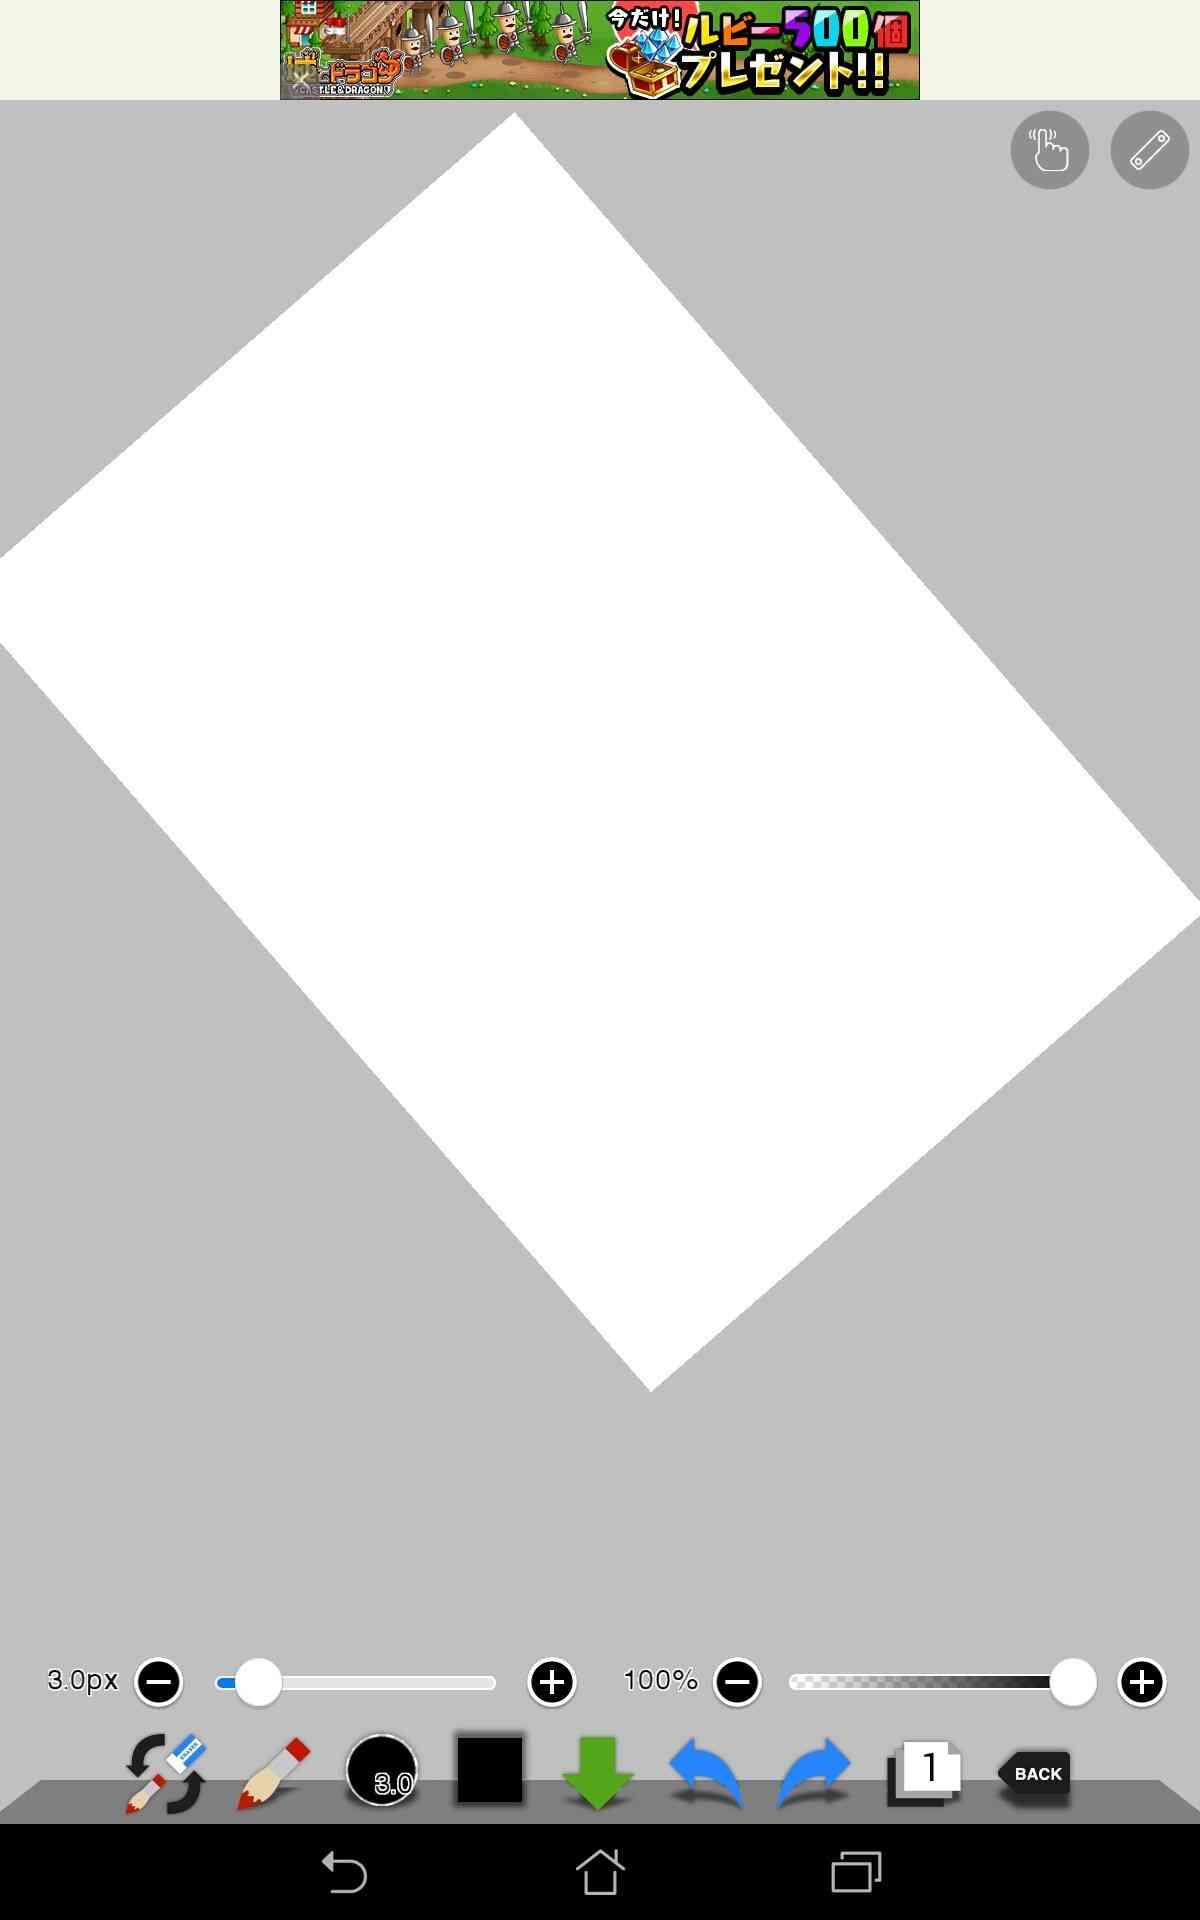 [ibisPaint X]アイビスペイントのやつ斜... - LINE Q